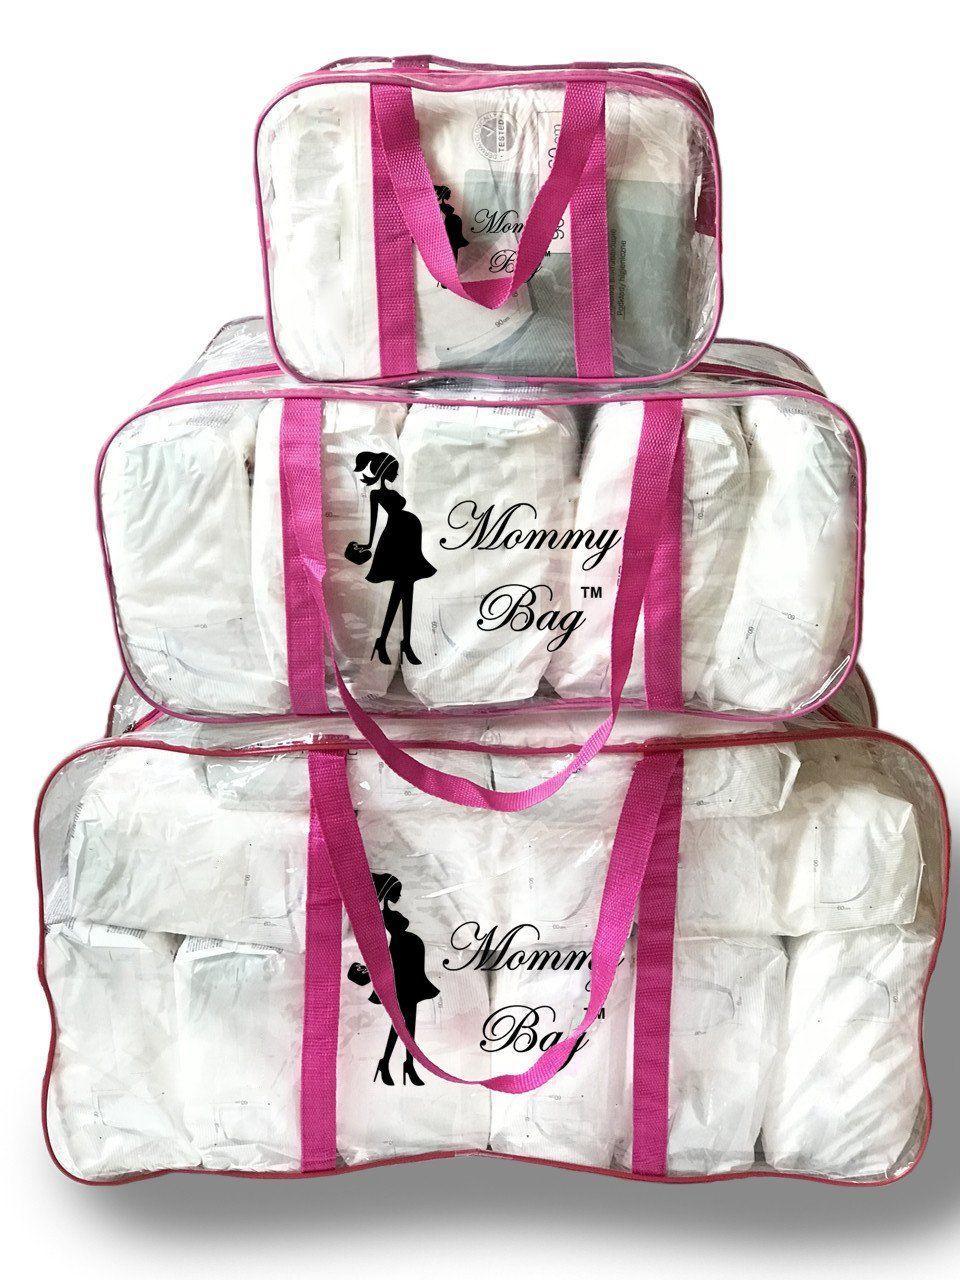 Набор из прозрачных сумок в роддом Mommy Bag, размеры - S, L, XL, цвет - Розовый